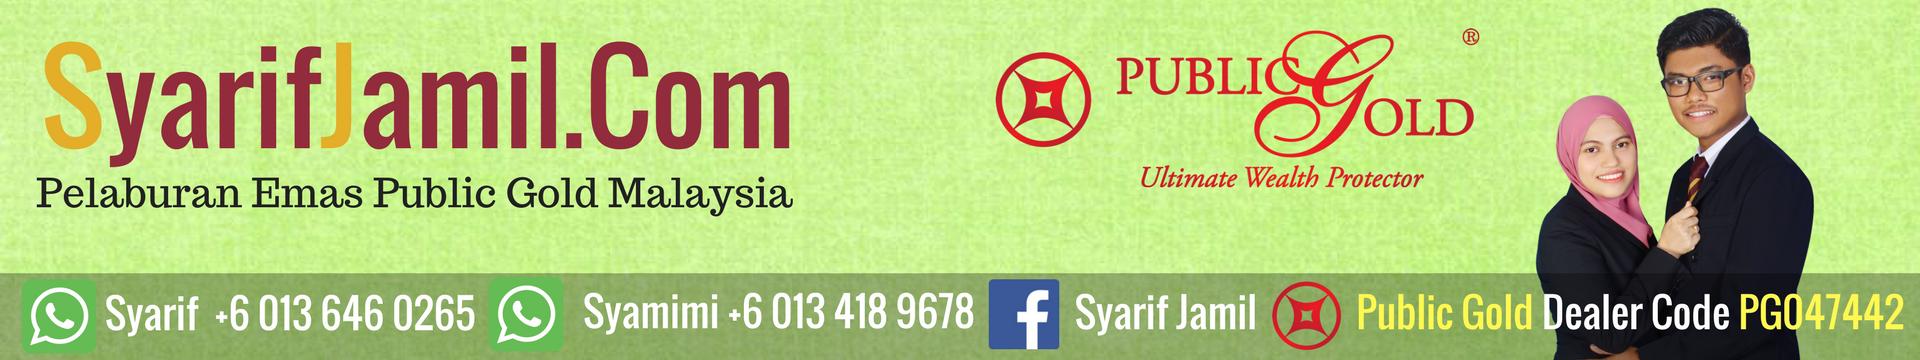 SyarifJamil.Com-2.png